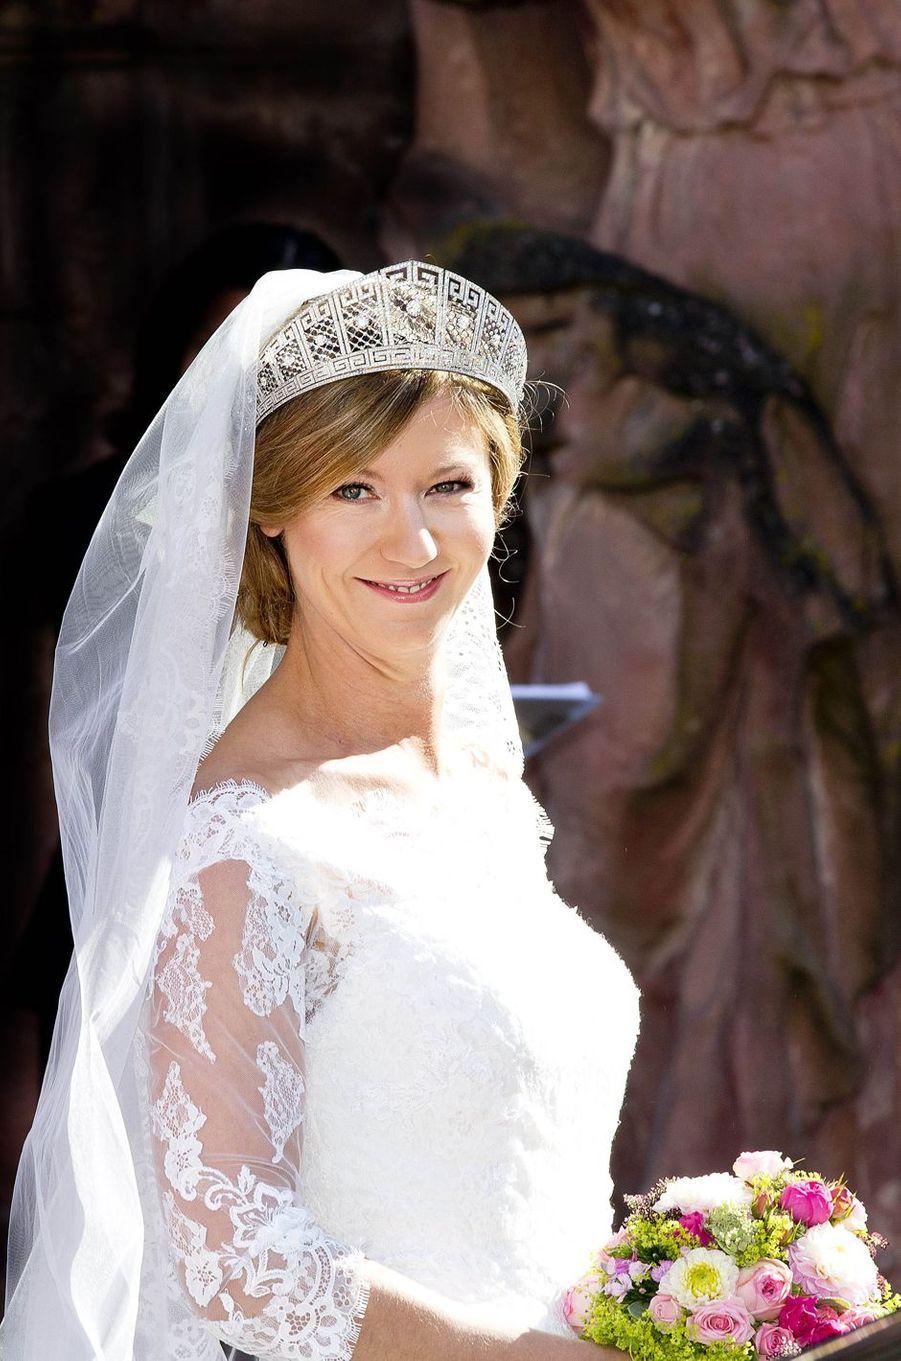 La princesse Viktoria Luise de Prusse à Amorbach, le 16 septembre 2017